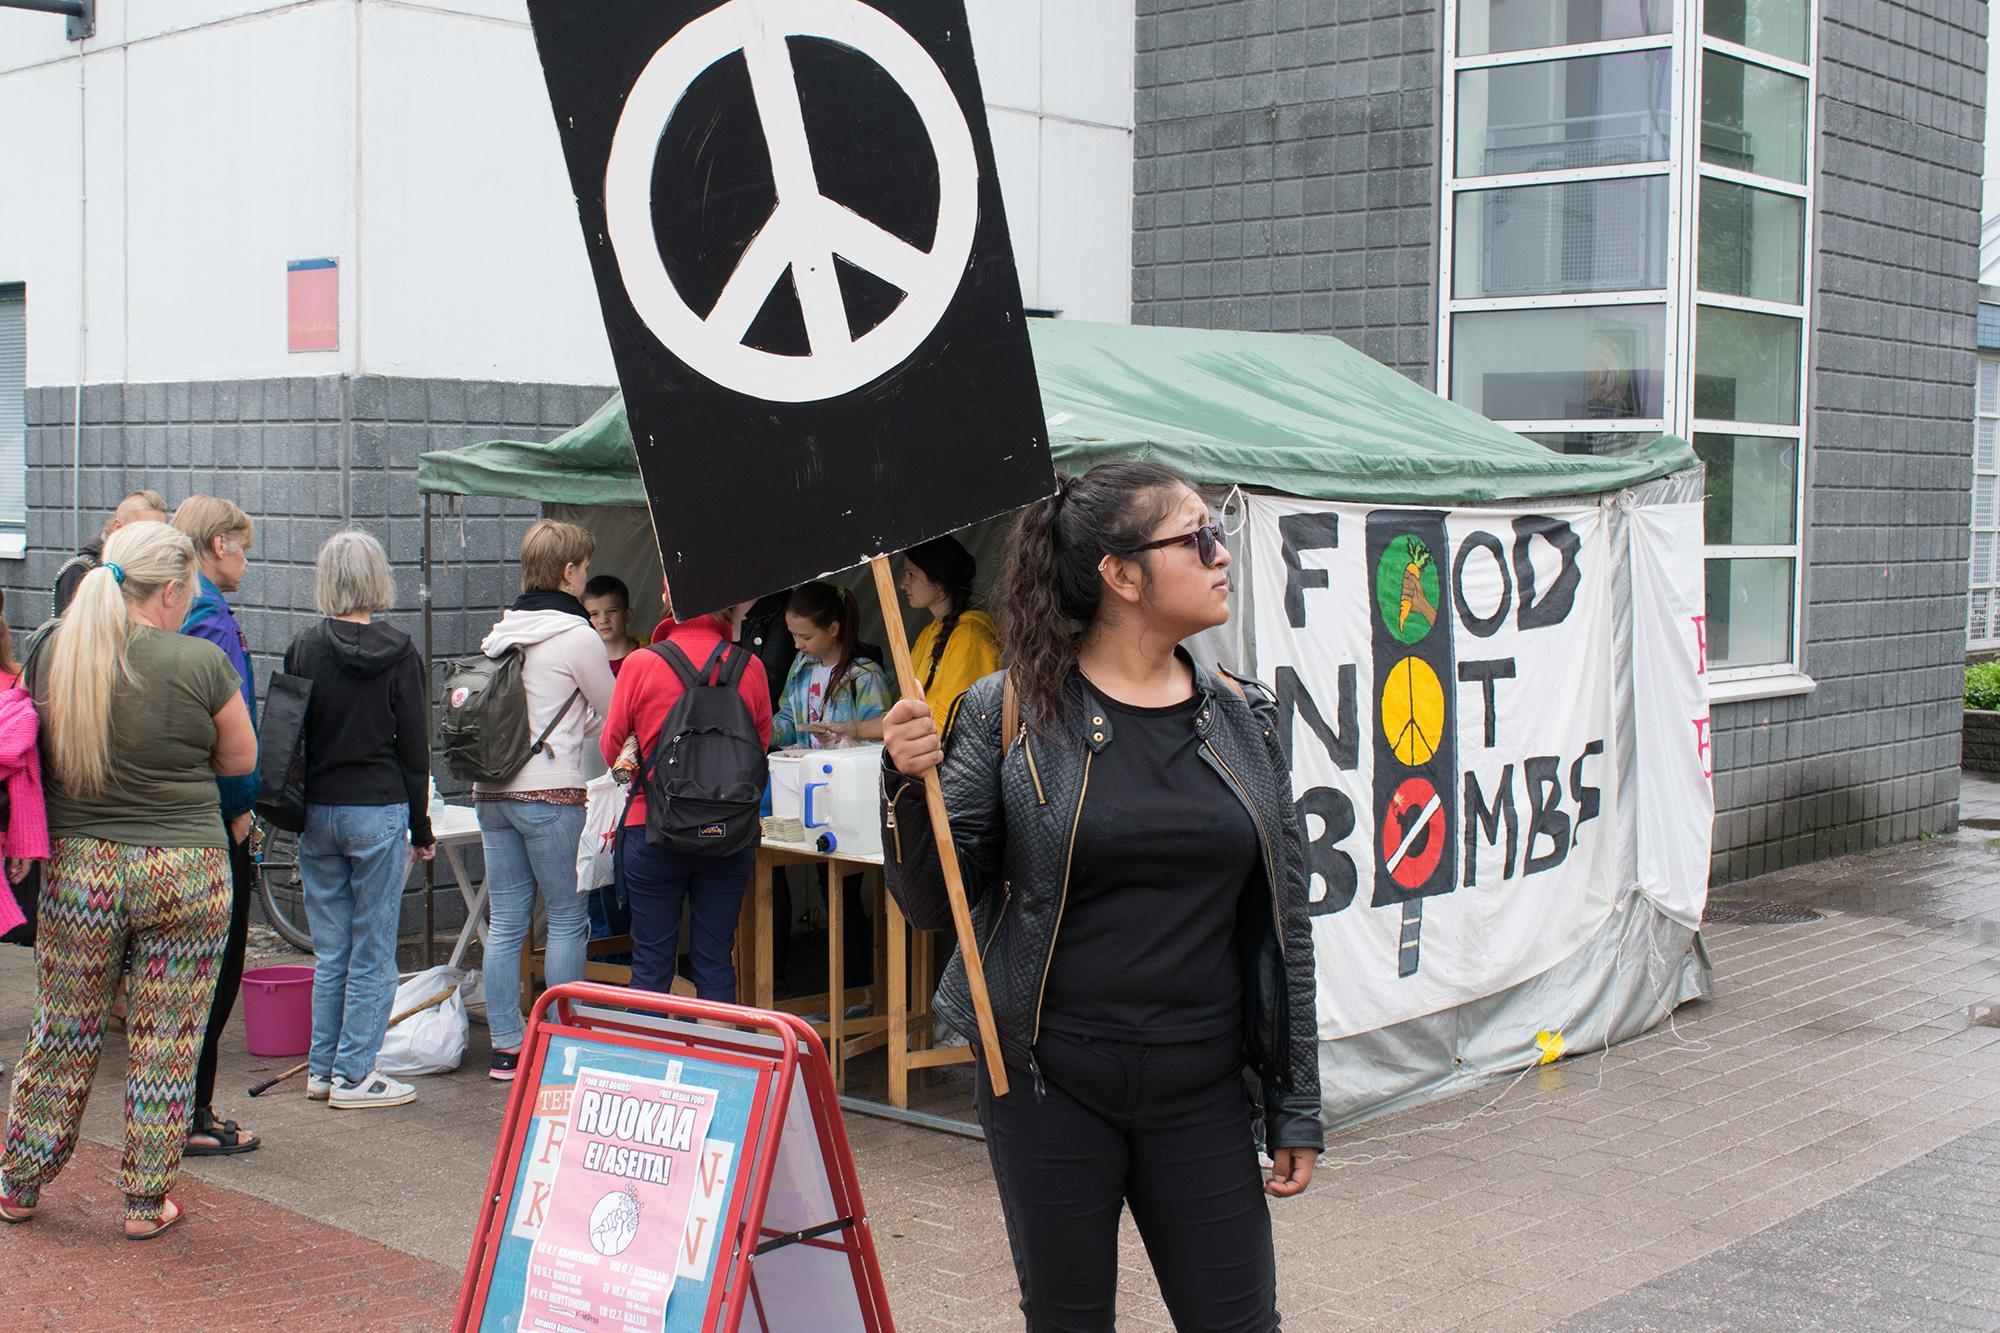 Mustiinpukeutunut ihminen seisoo pidellen kylttiä, jossa on suuri rauhanmerkki. Taustalla ihmiset jonottavat teltalle, jonka seinänä on Food Not Bombs -banderolli.